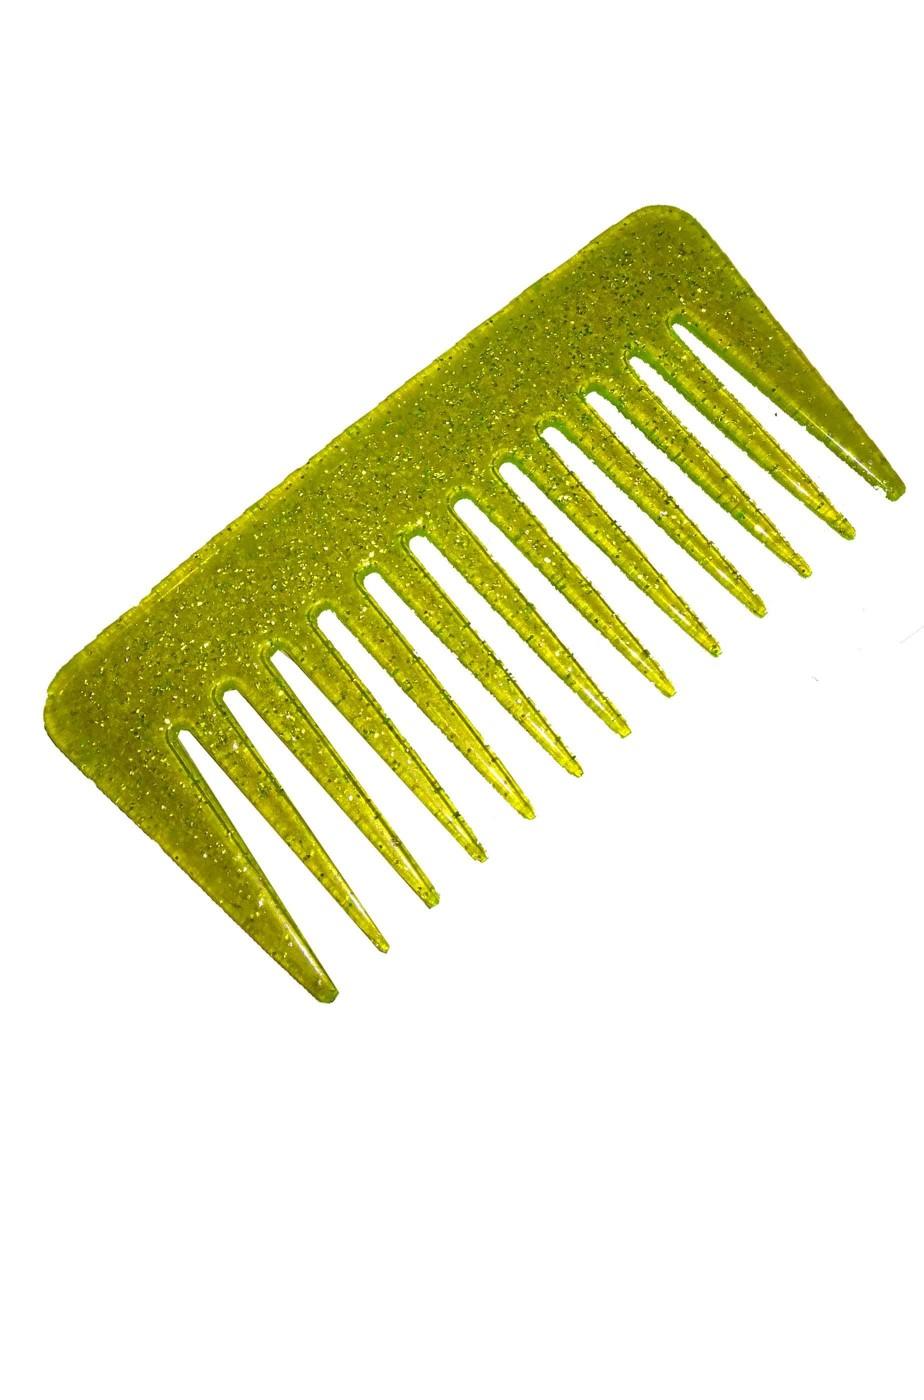 Pettine a denti larghi per parrucche